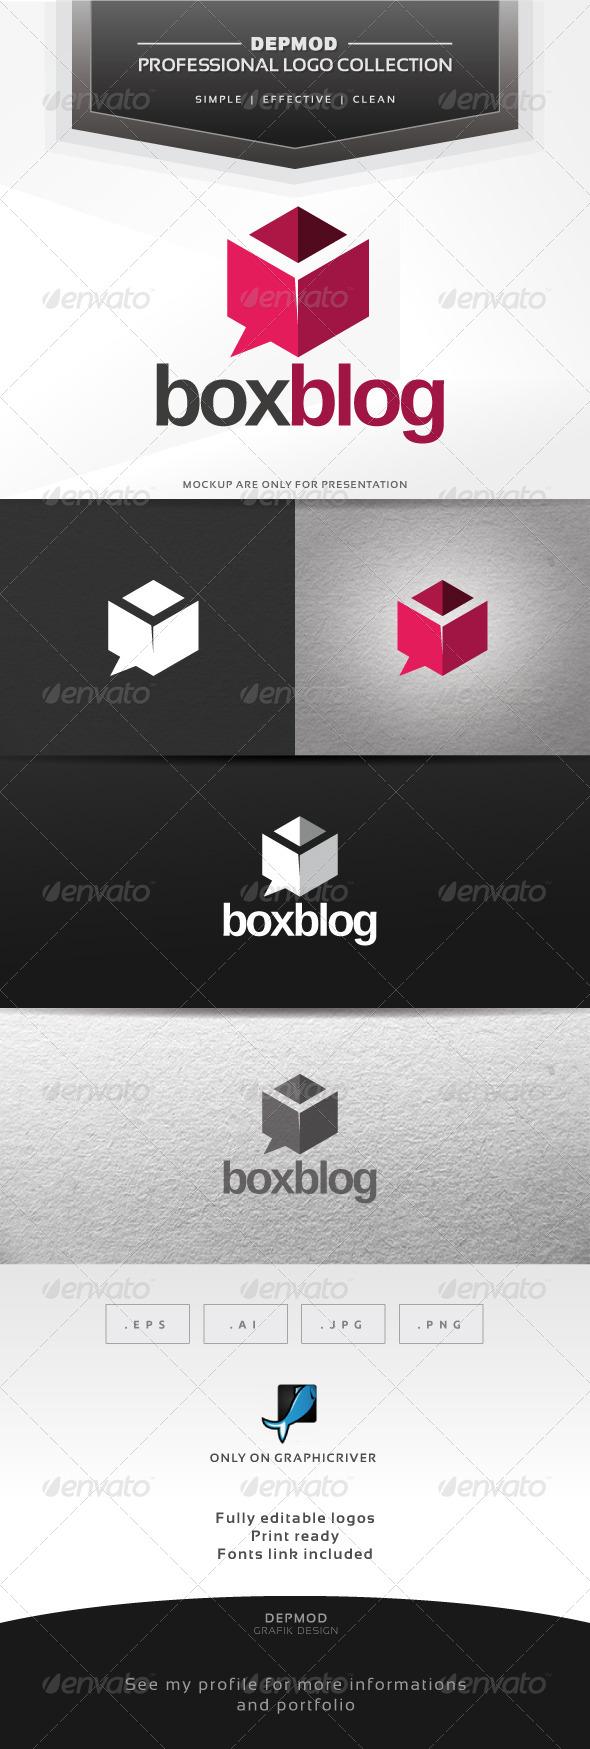 Box Blog Logo